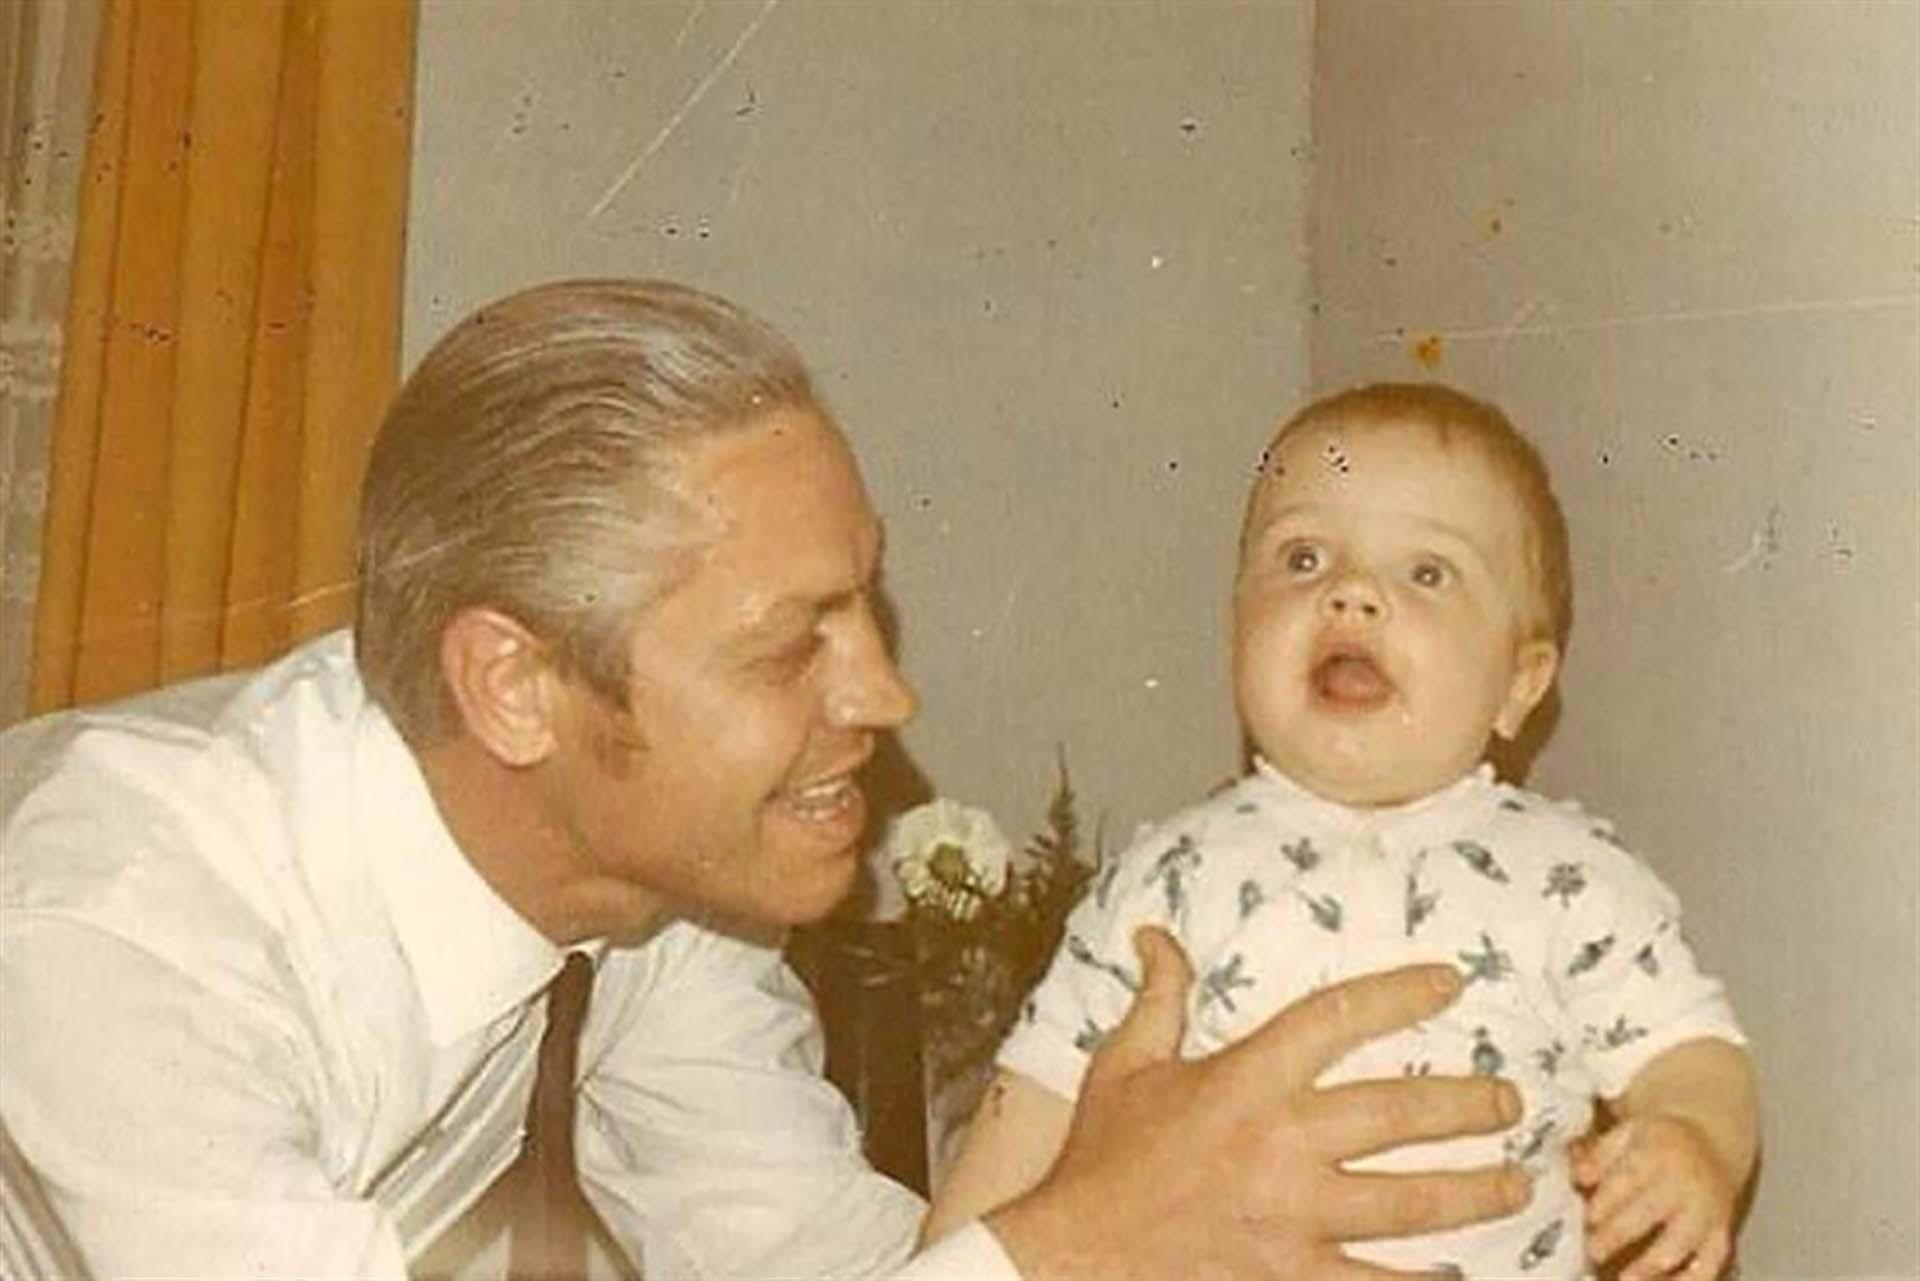 Alejandro Wiebe, tal es su verdadero nombre, junto a su padre